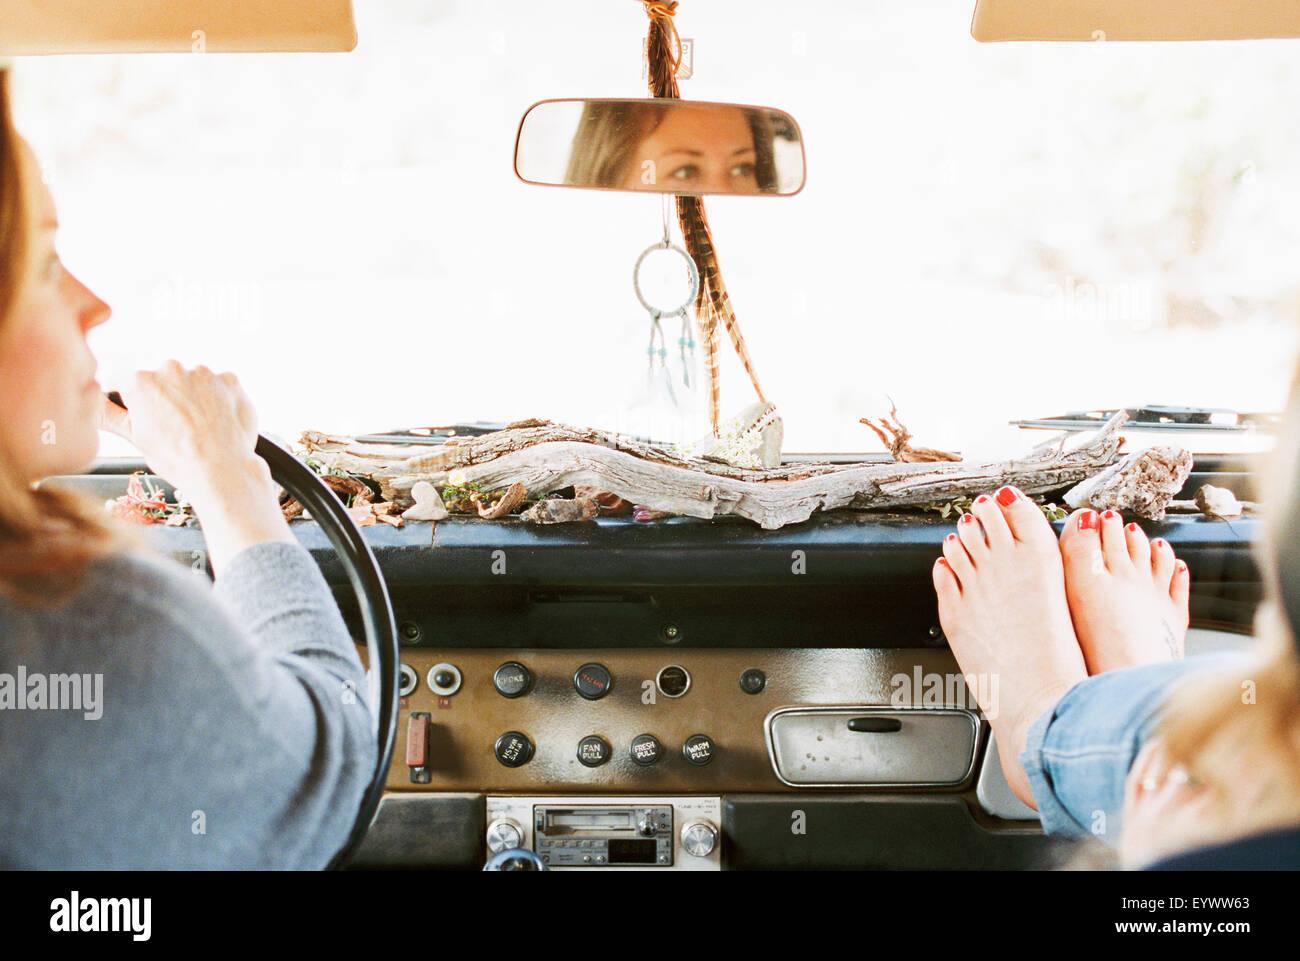 Une femme se reposer ses pieds nus sur le tableau de bord d'un 4x4, d'un voyage en voiture avec une autre Photo Stock